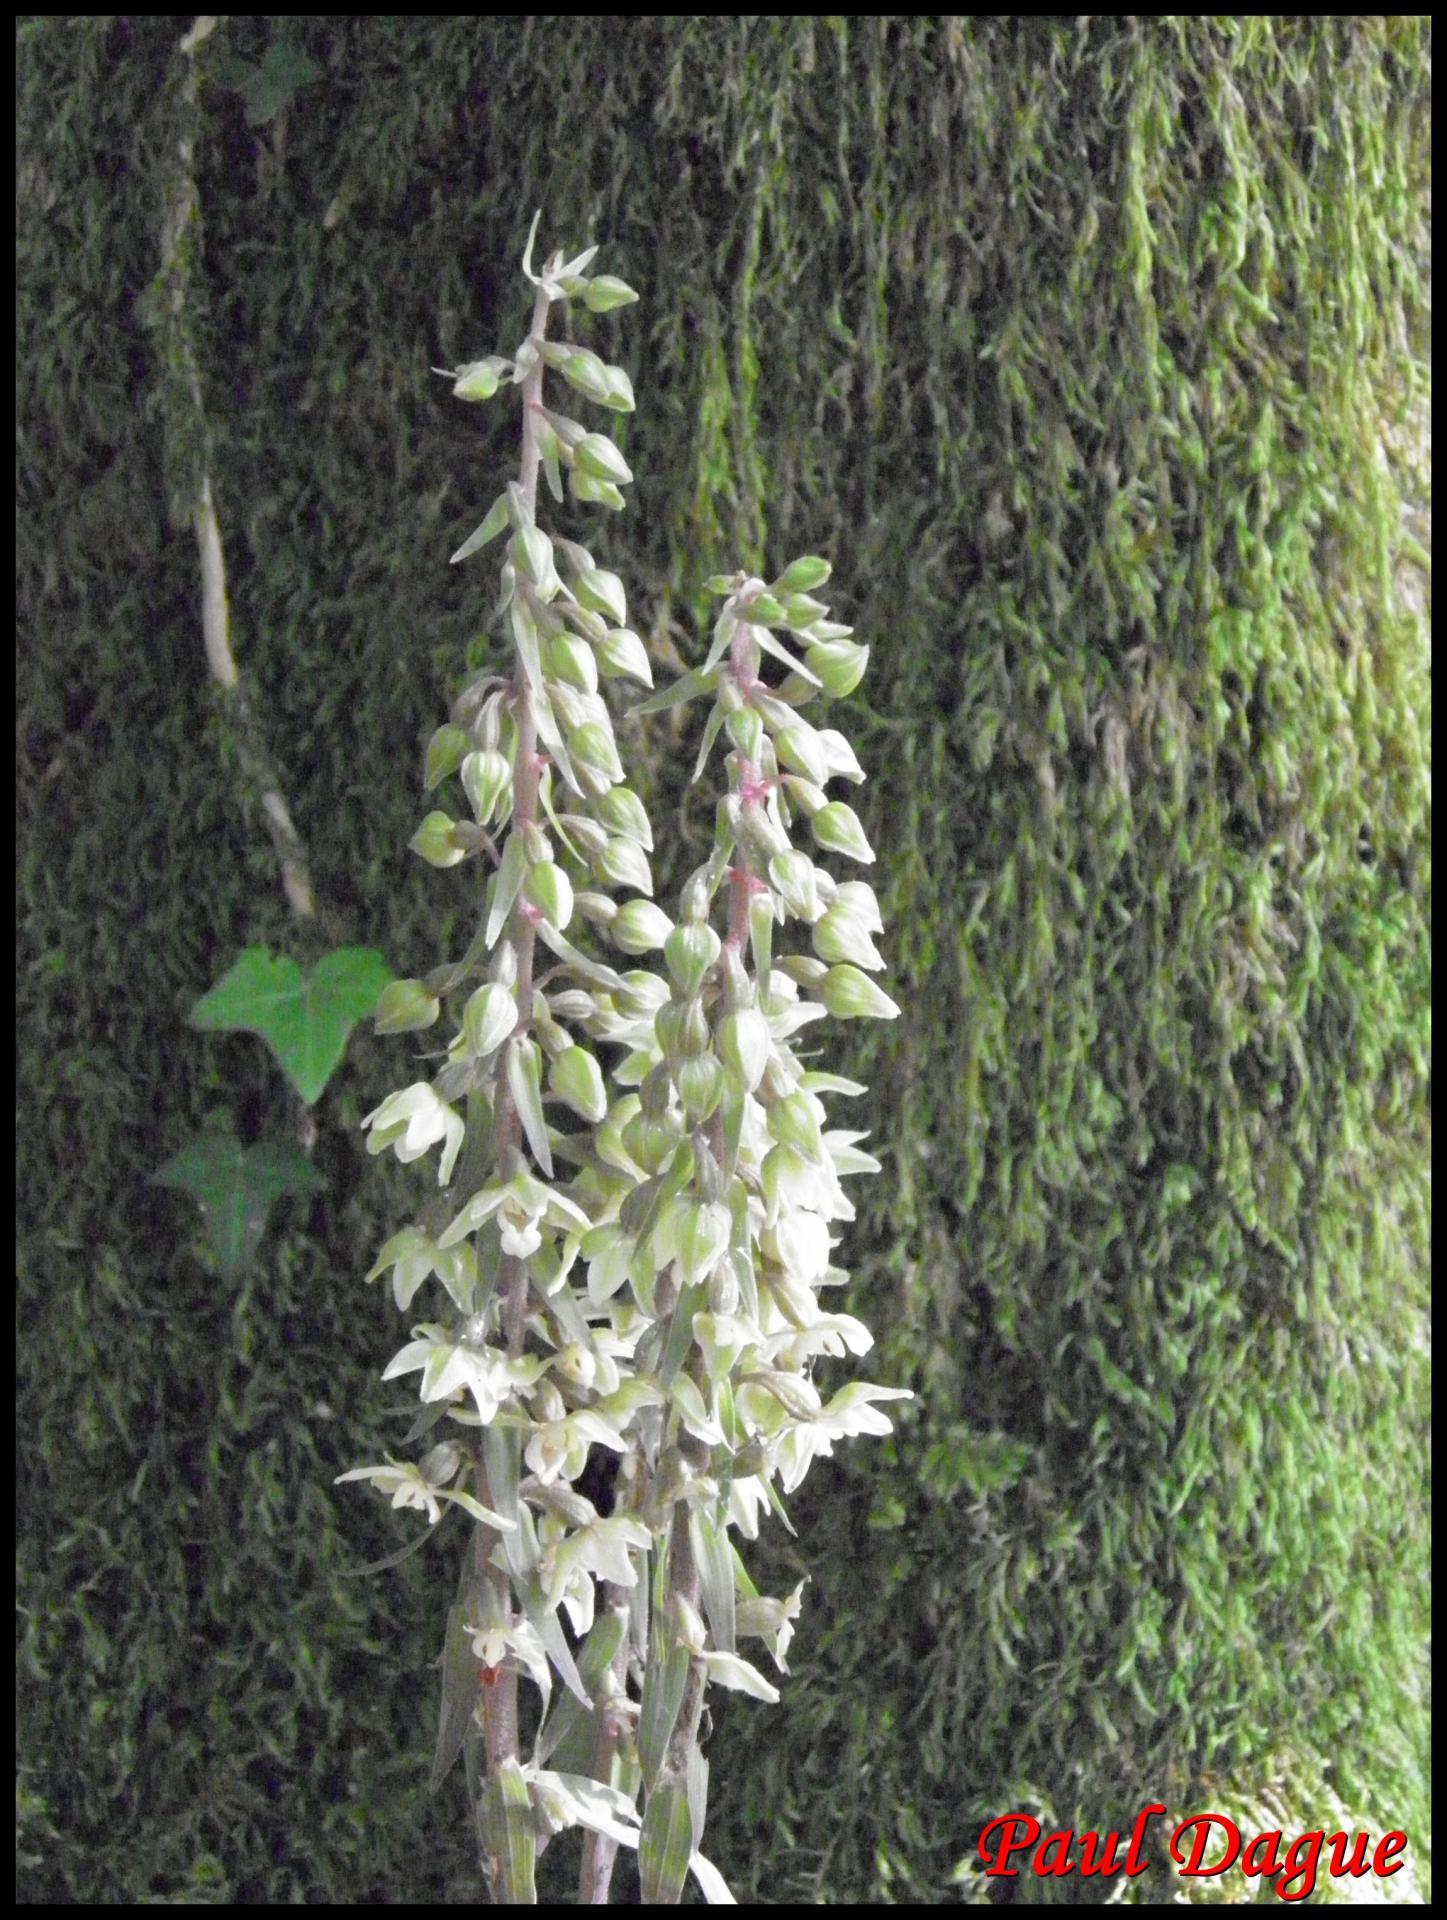 Epipactis a feuilles ecartees epipactis distans